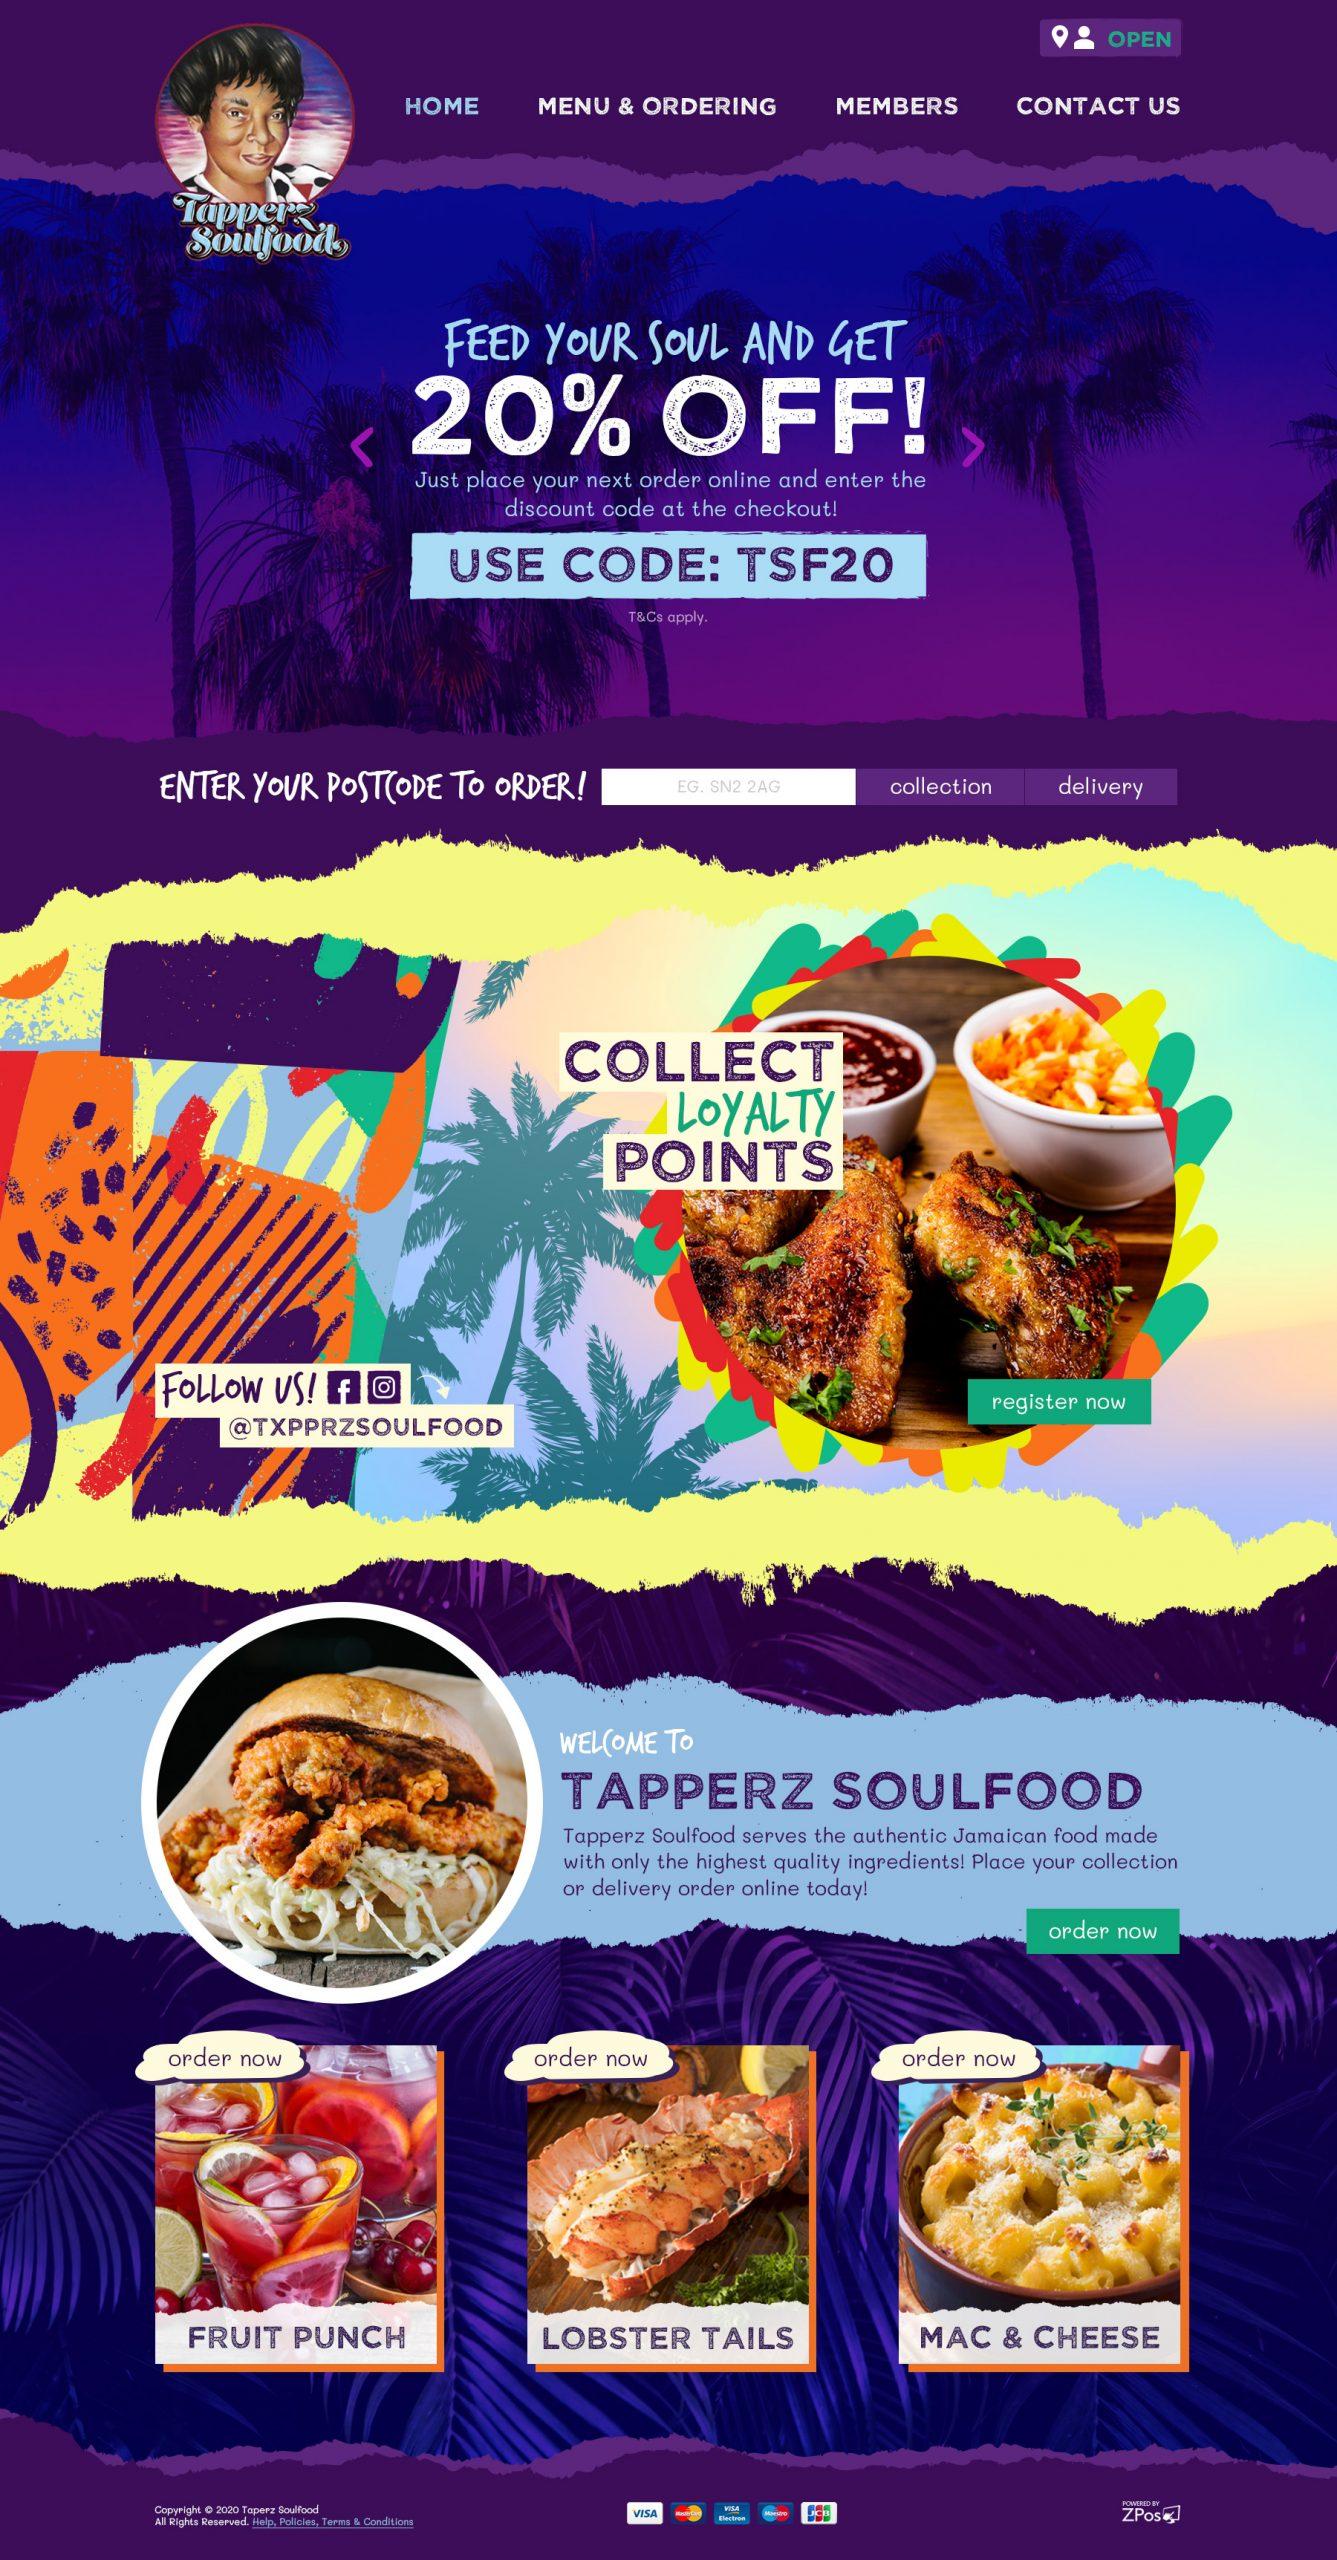 Tapperz Soulfood Website Design